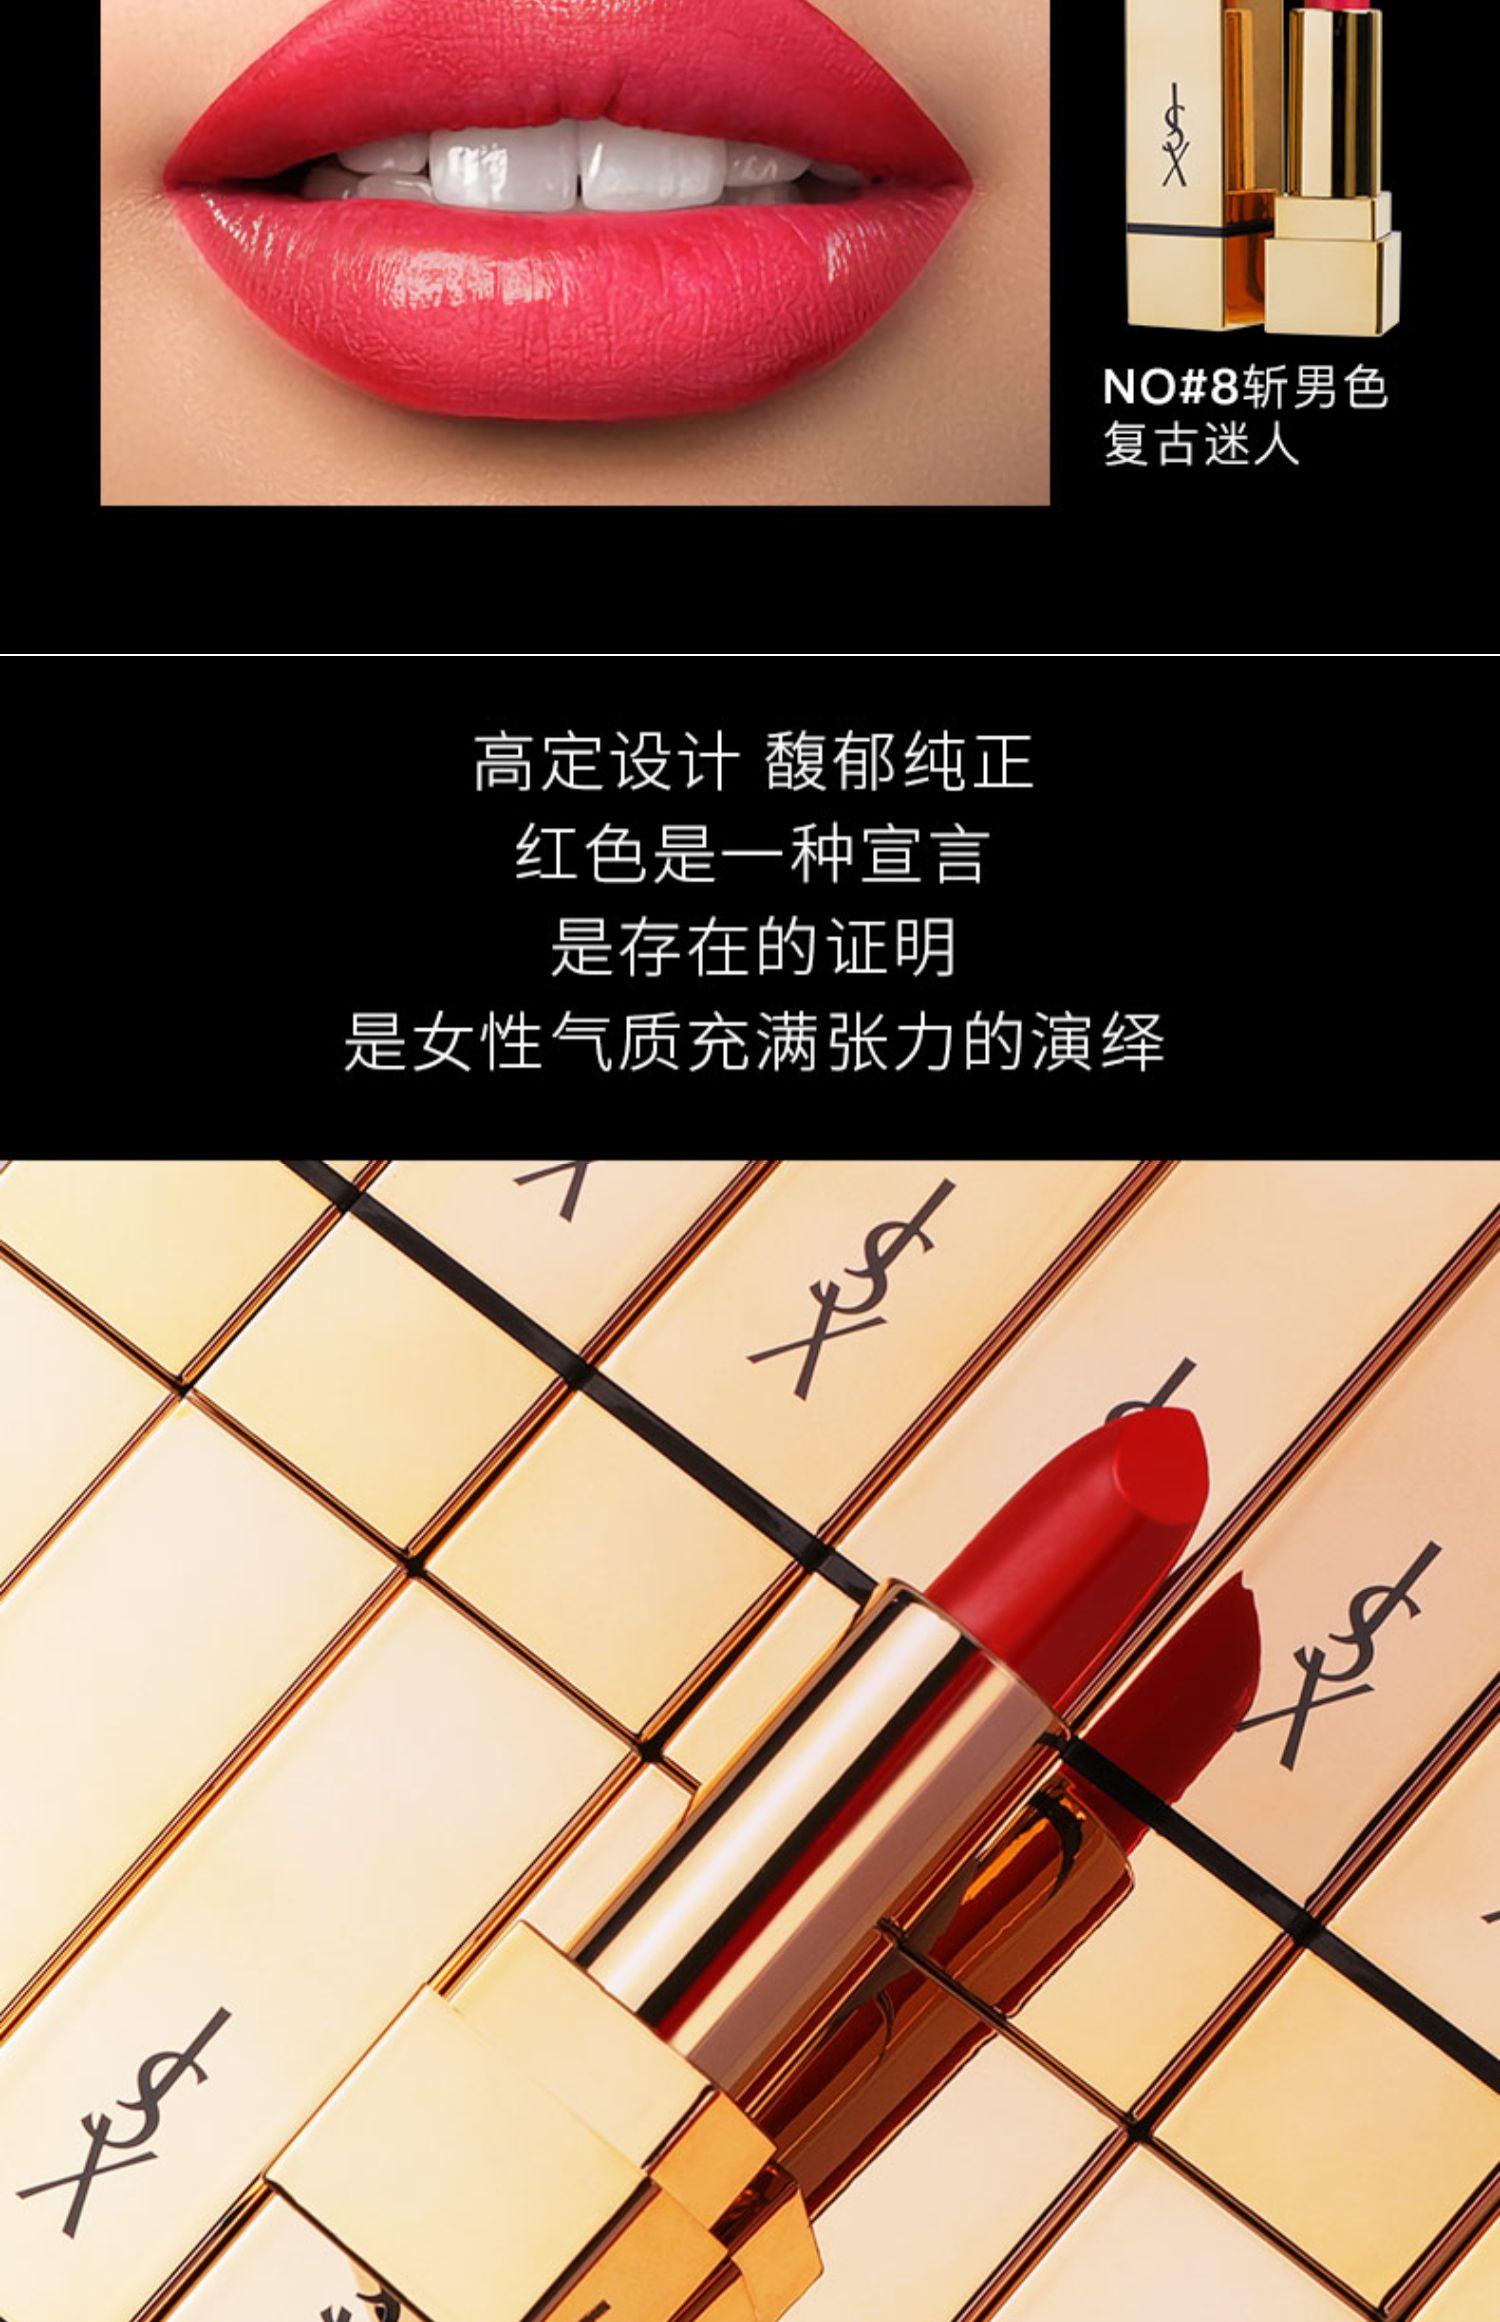 JSX口红方管正红色小金条复古 莹泽纯魅以爱为妆限定版持久滋润商品详情图